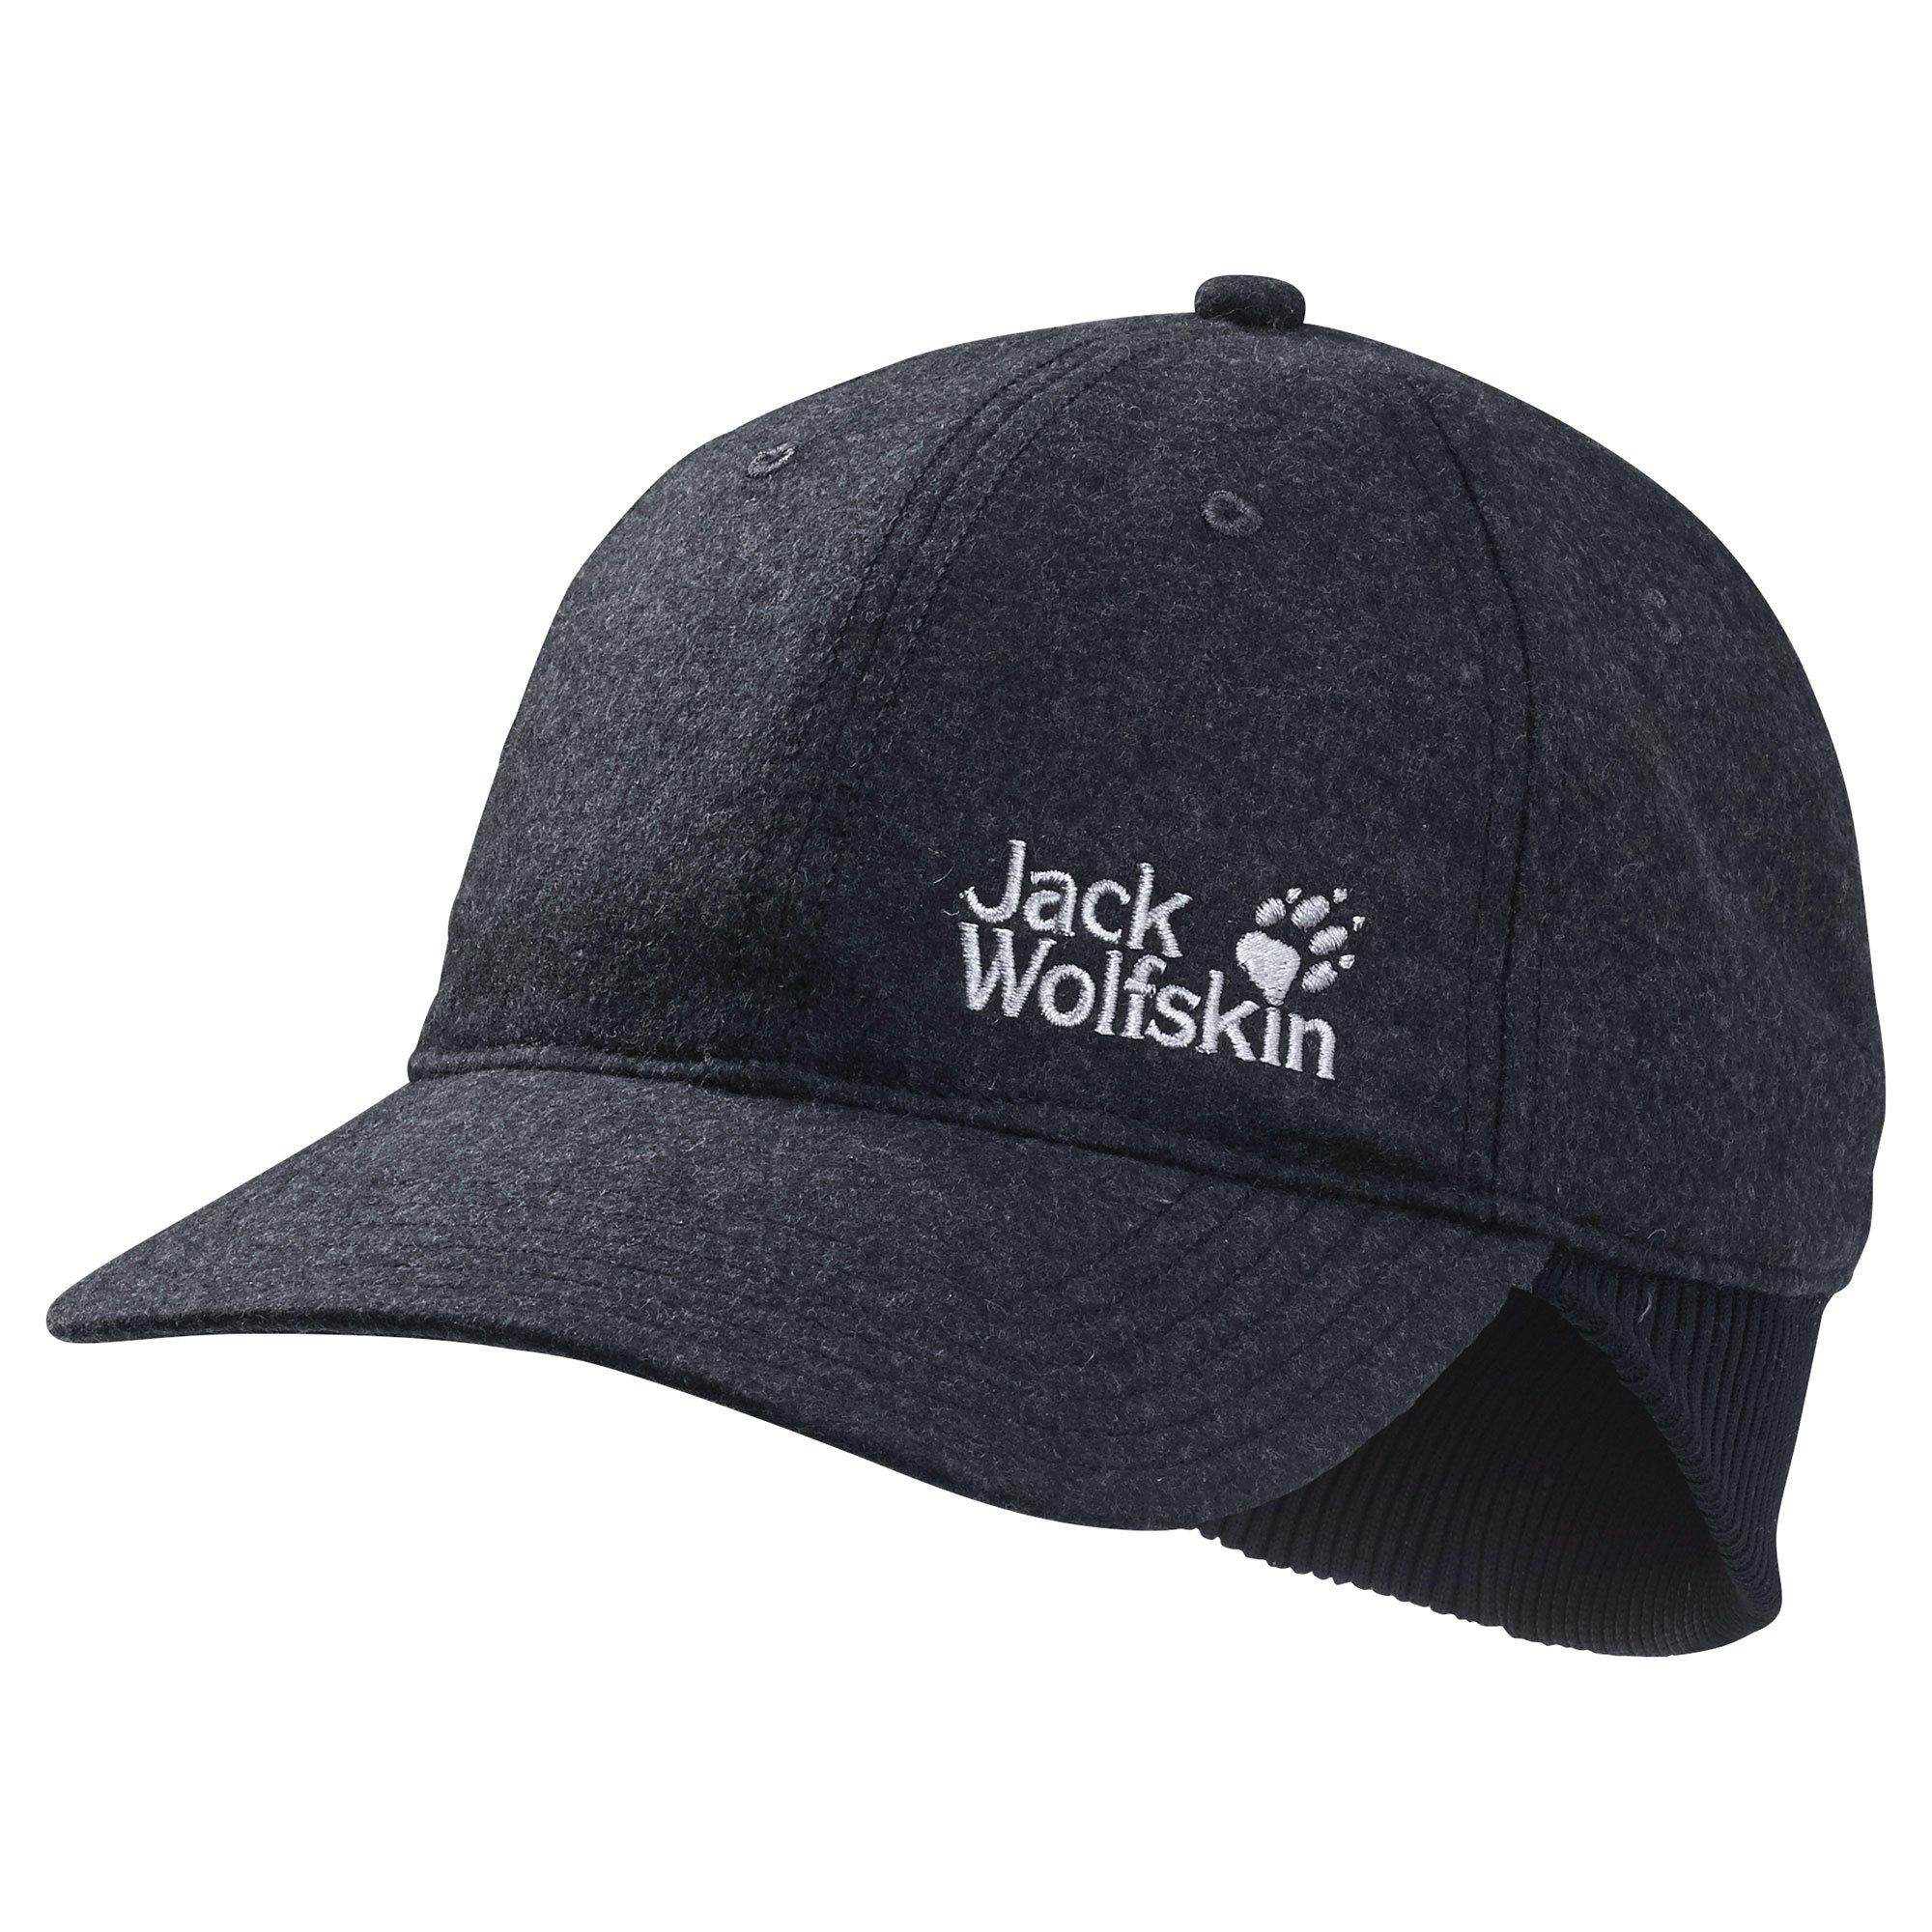 Jack Wolfskin Base Ear Cap, Medium, Phantom